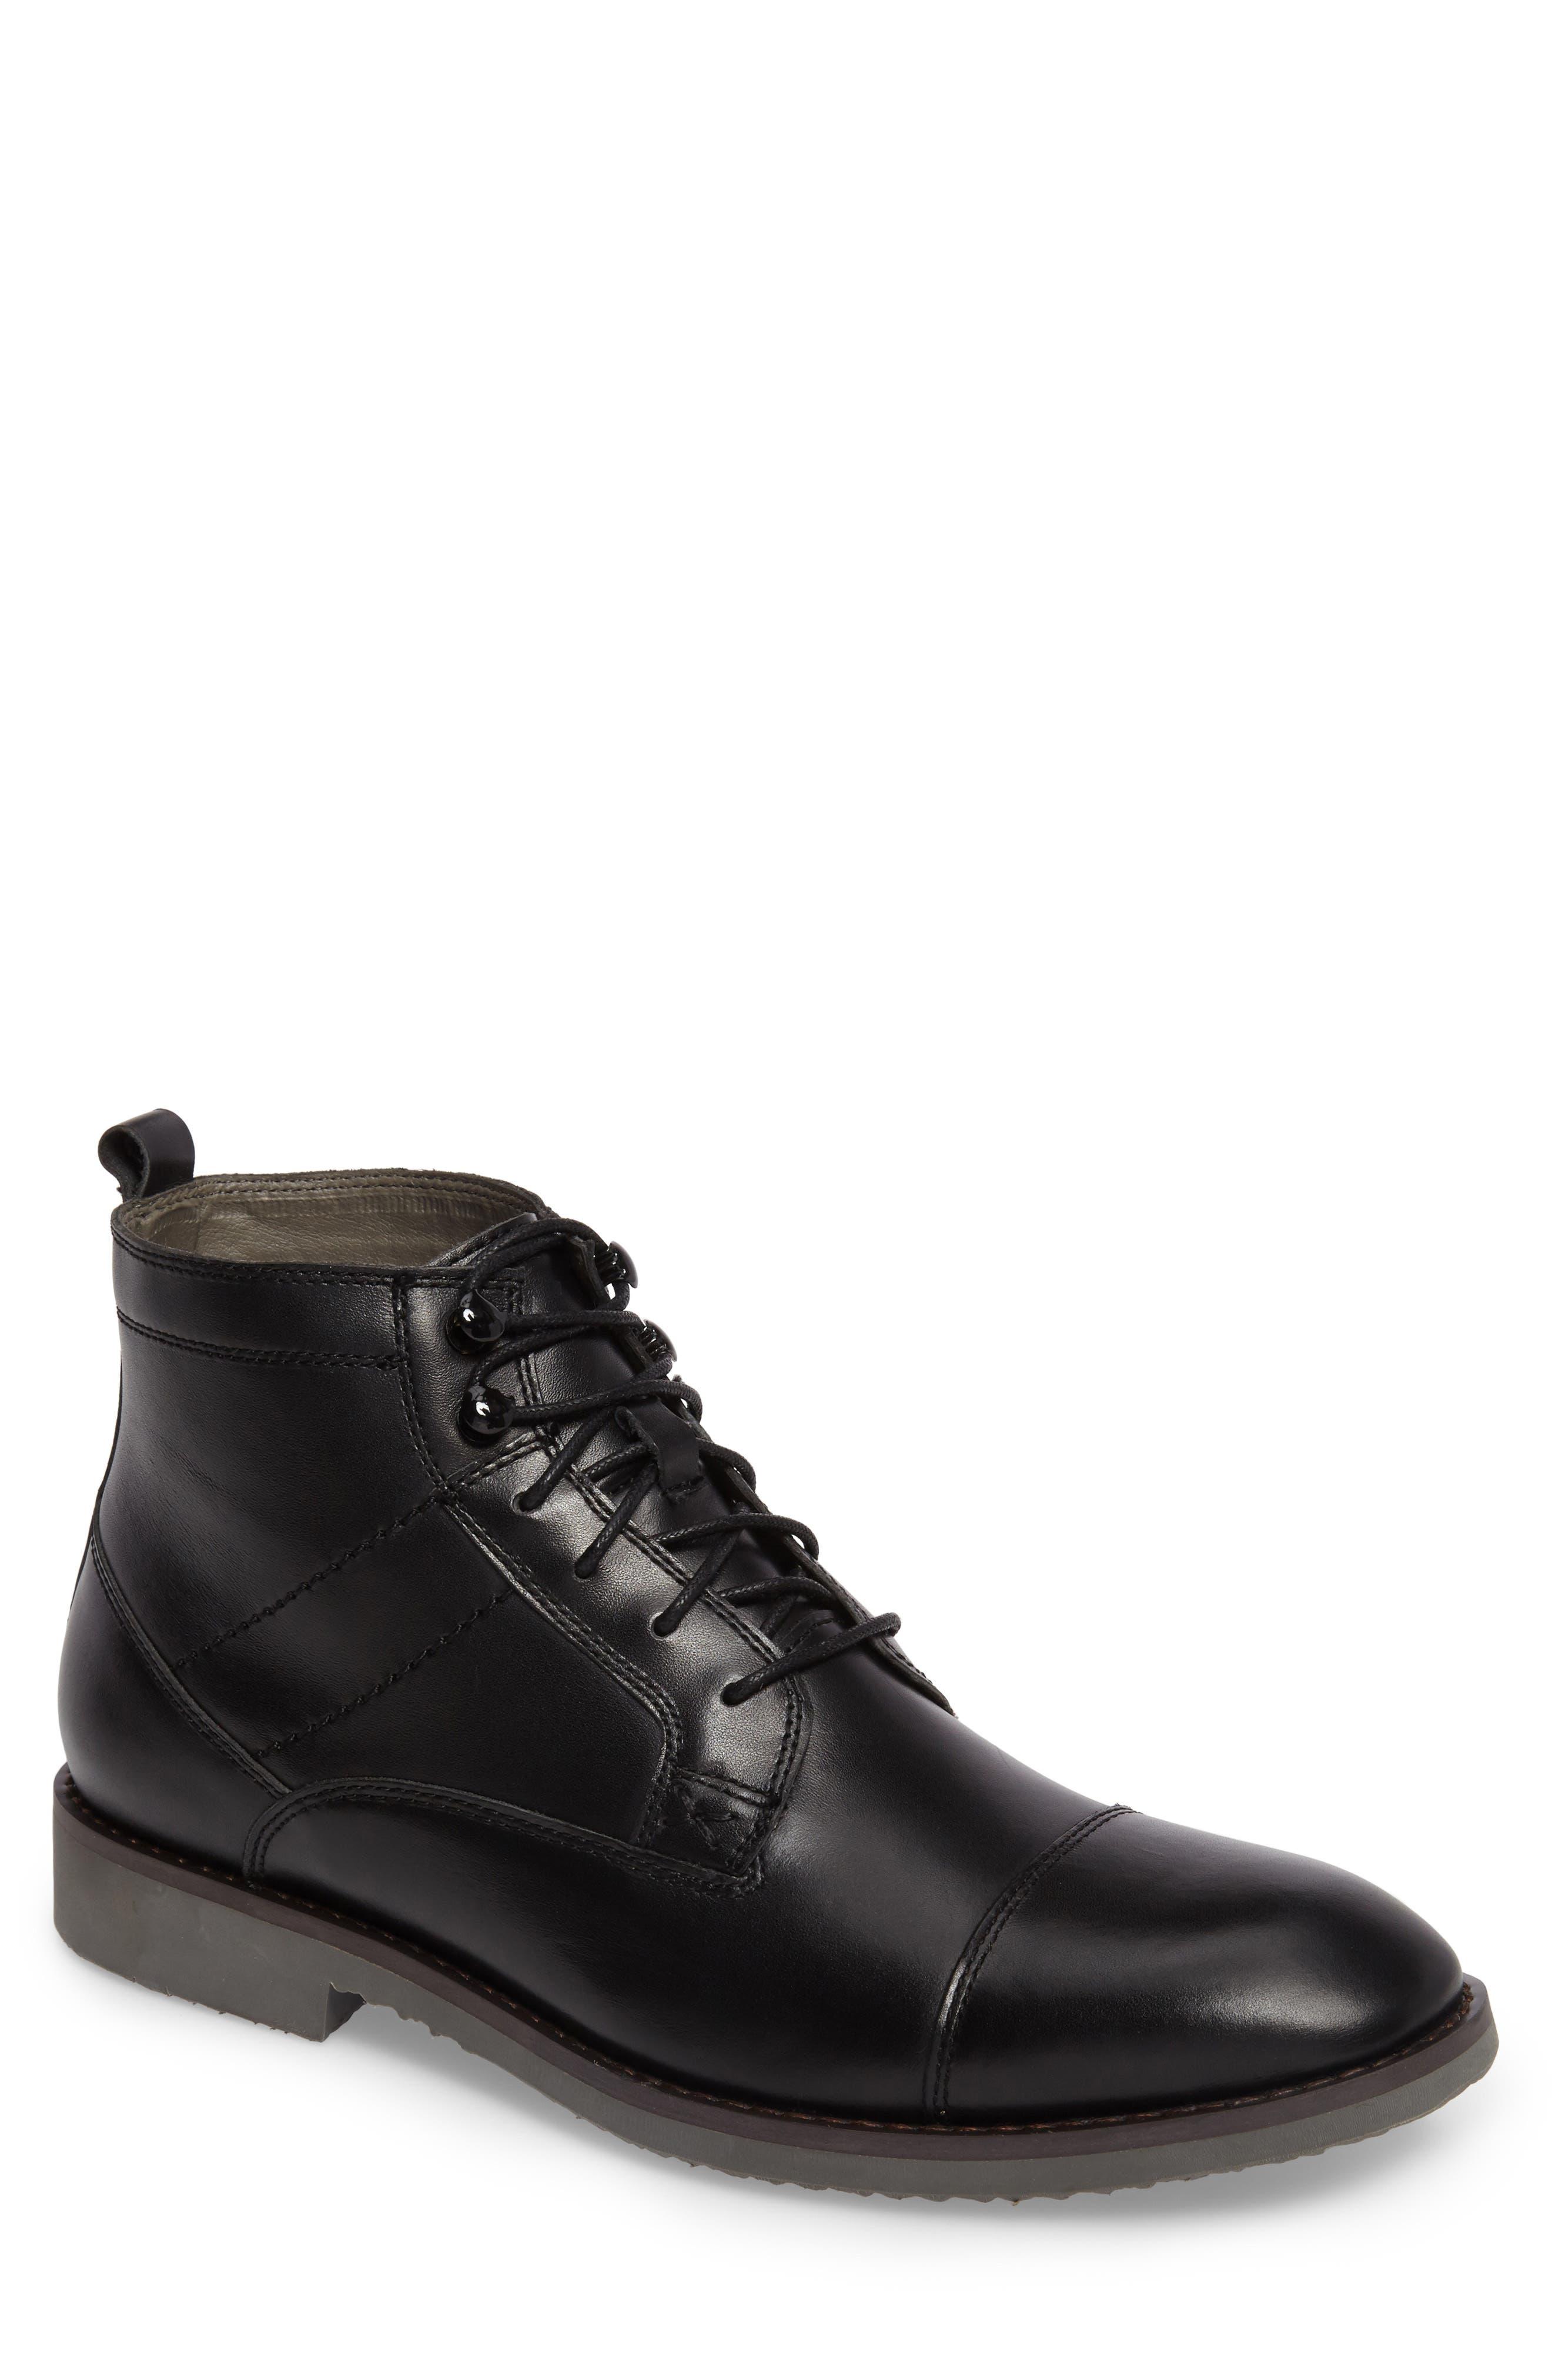 Ensor Cap Toe Boot,                         Main,                         color, 001